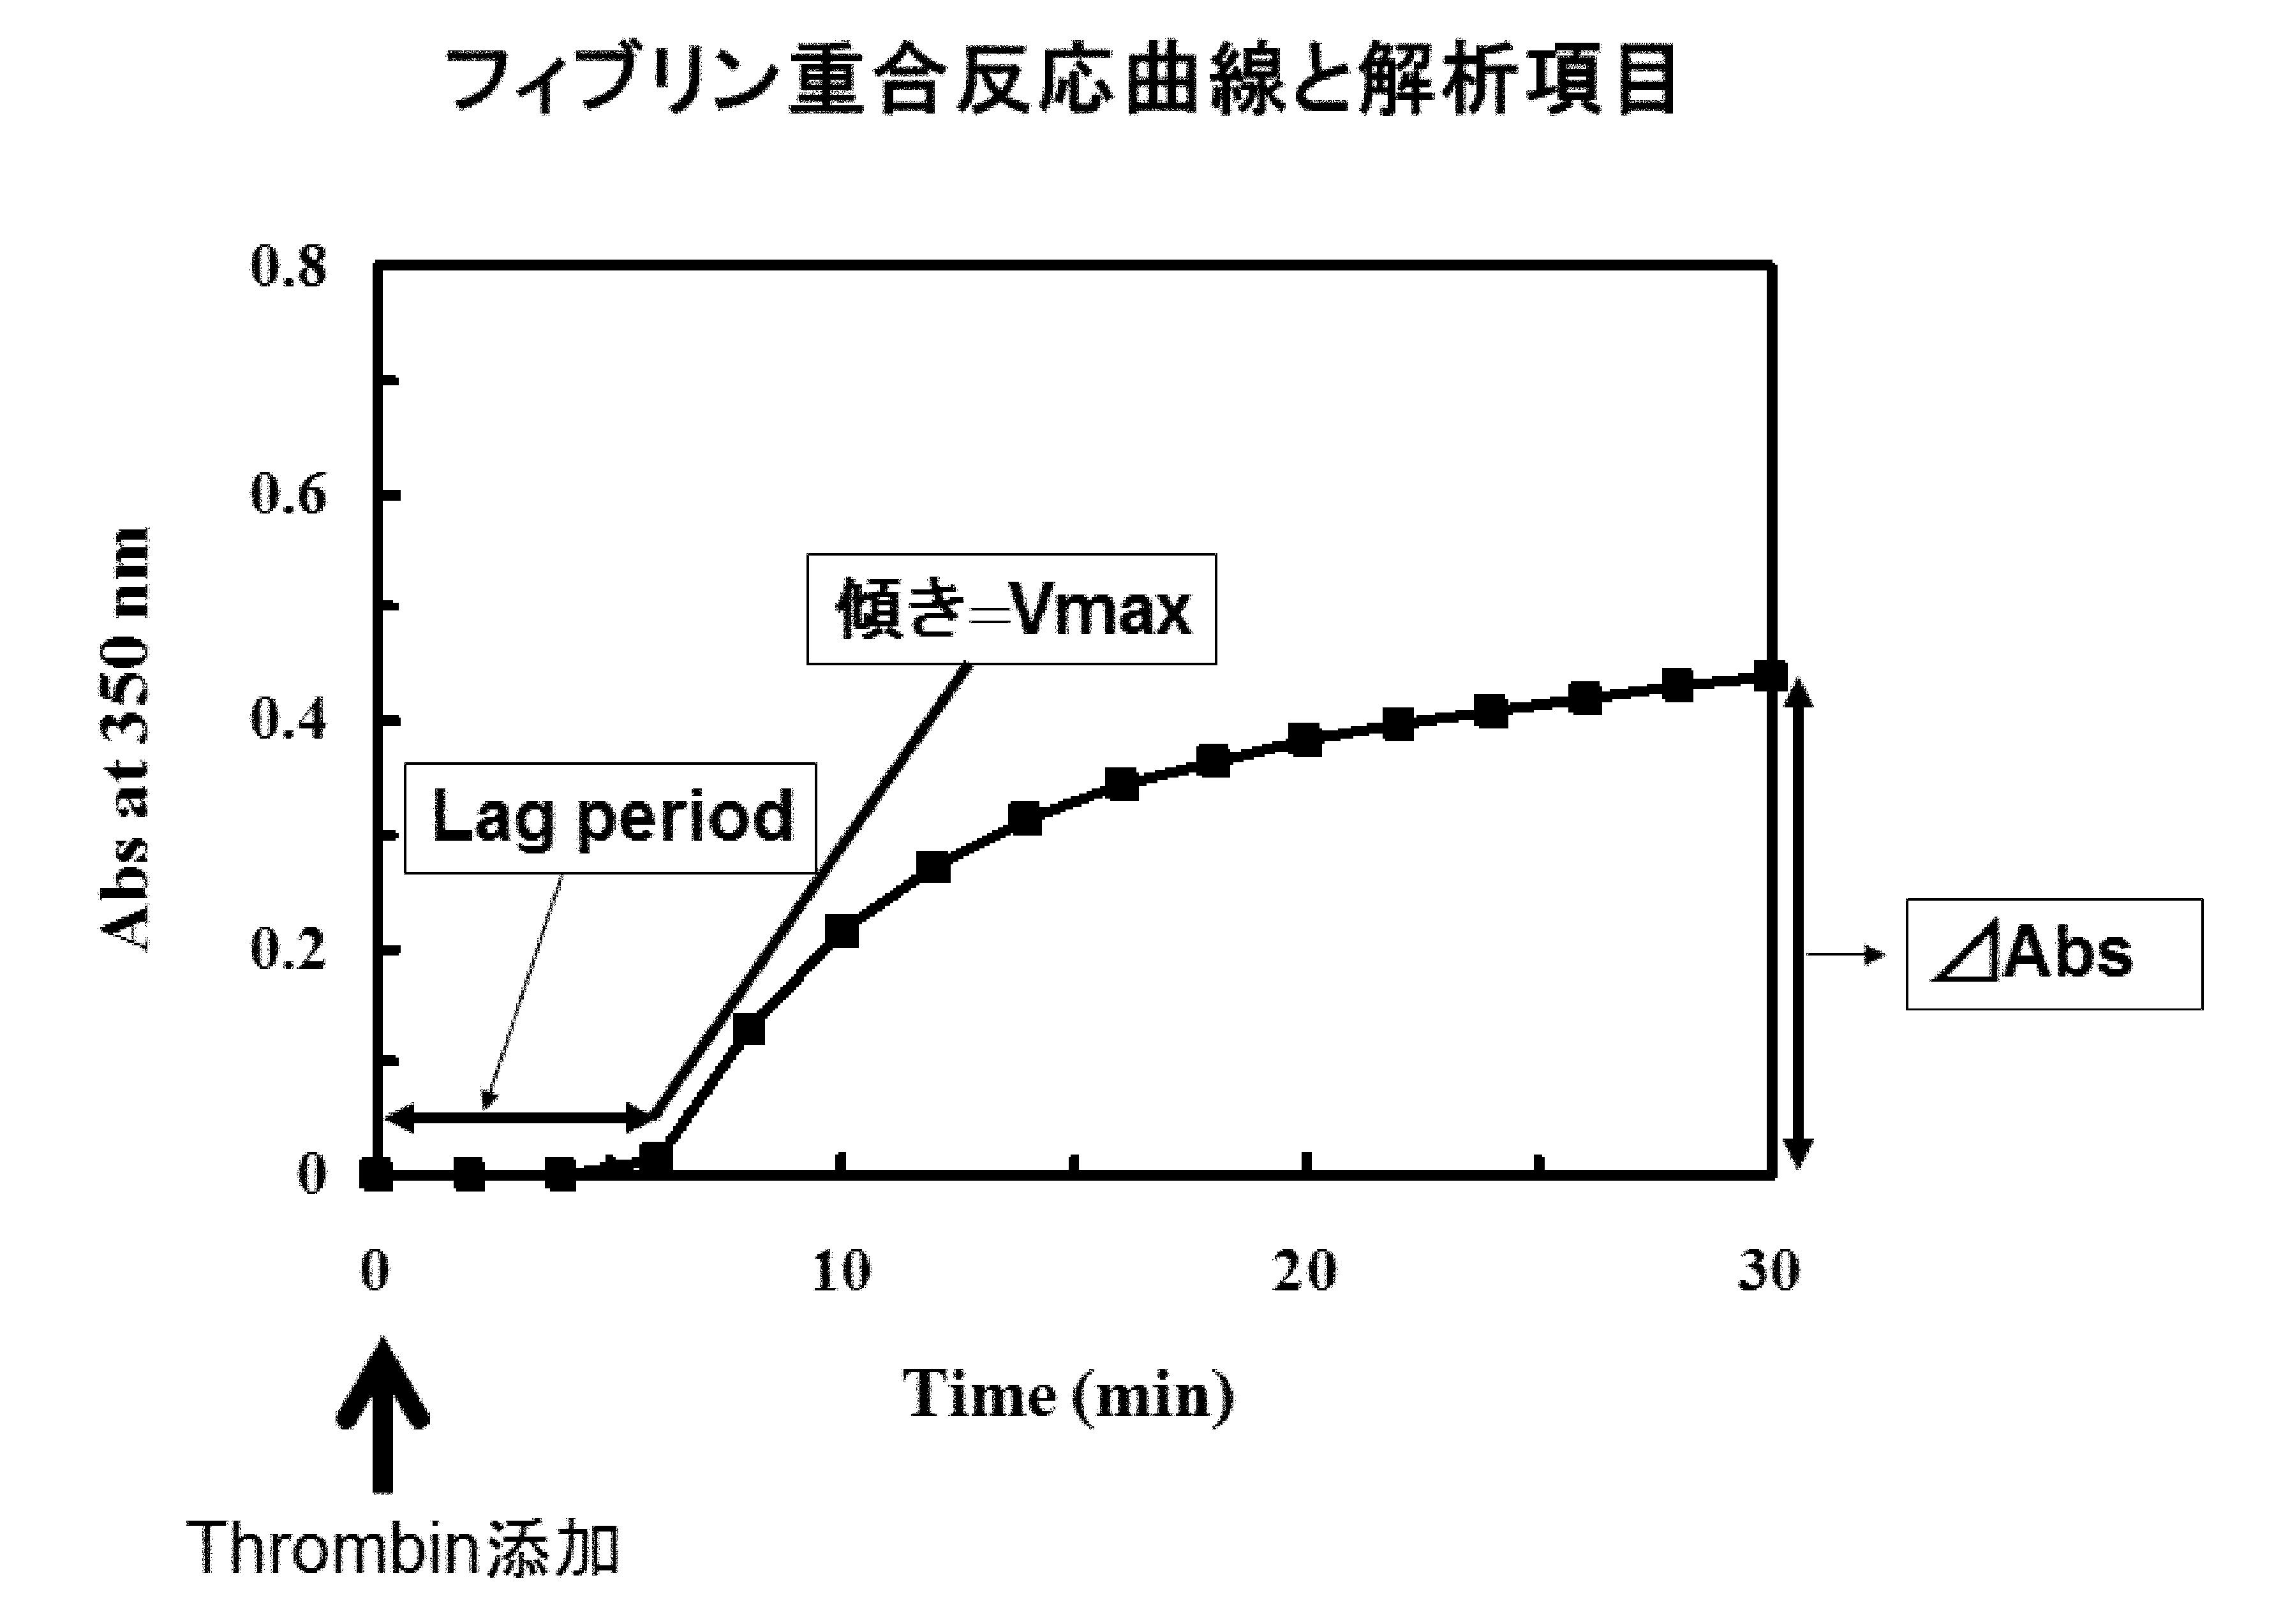 フィブリン重合反応曲線と解析項目